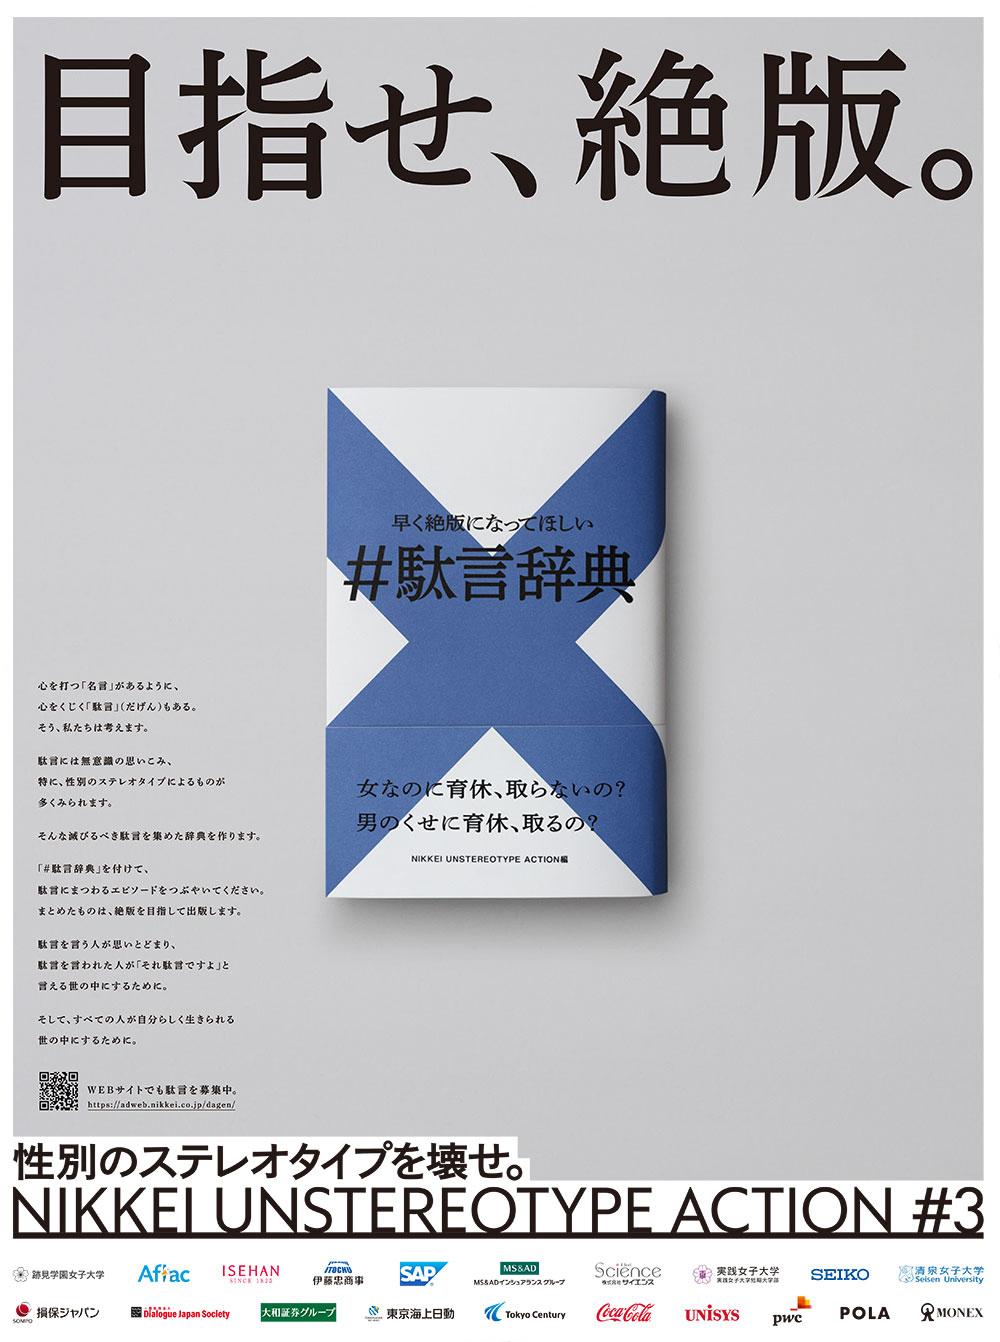 駄言辞典 2020年11月27日付日本経済新聞朝刊掲載